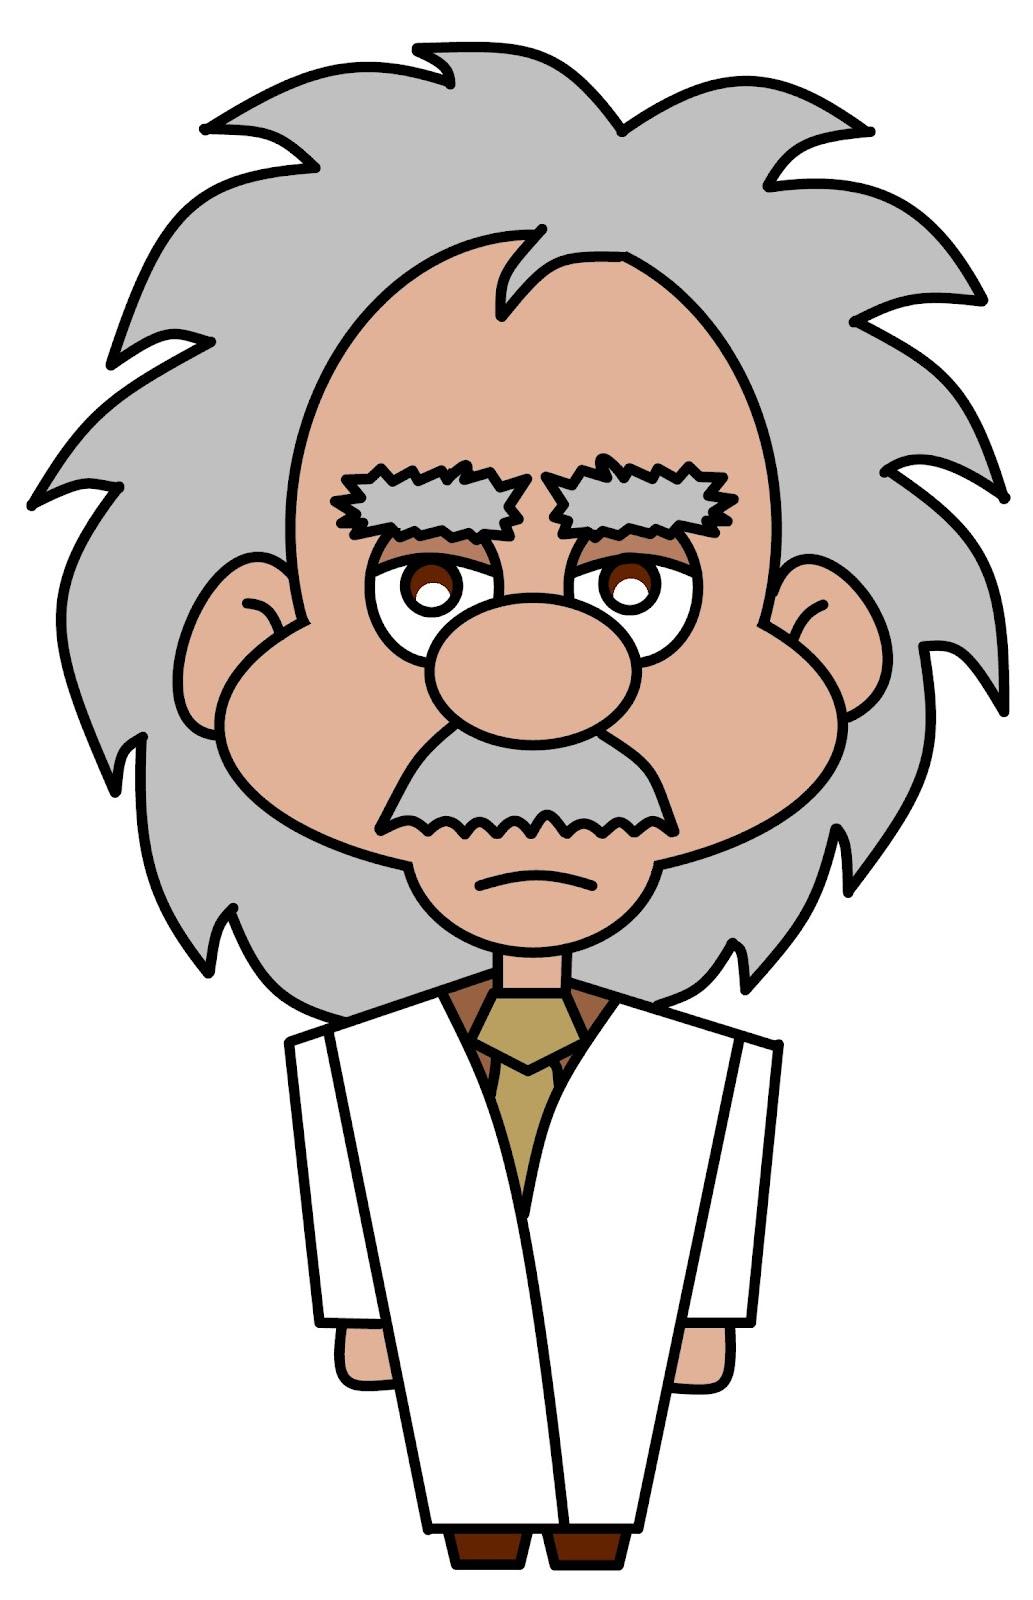 Free Albert Einstein Cliparts, Download Free Clip Art, Free.